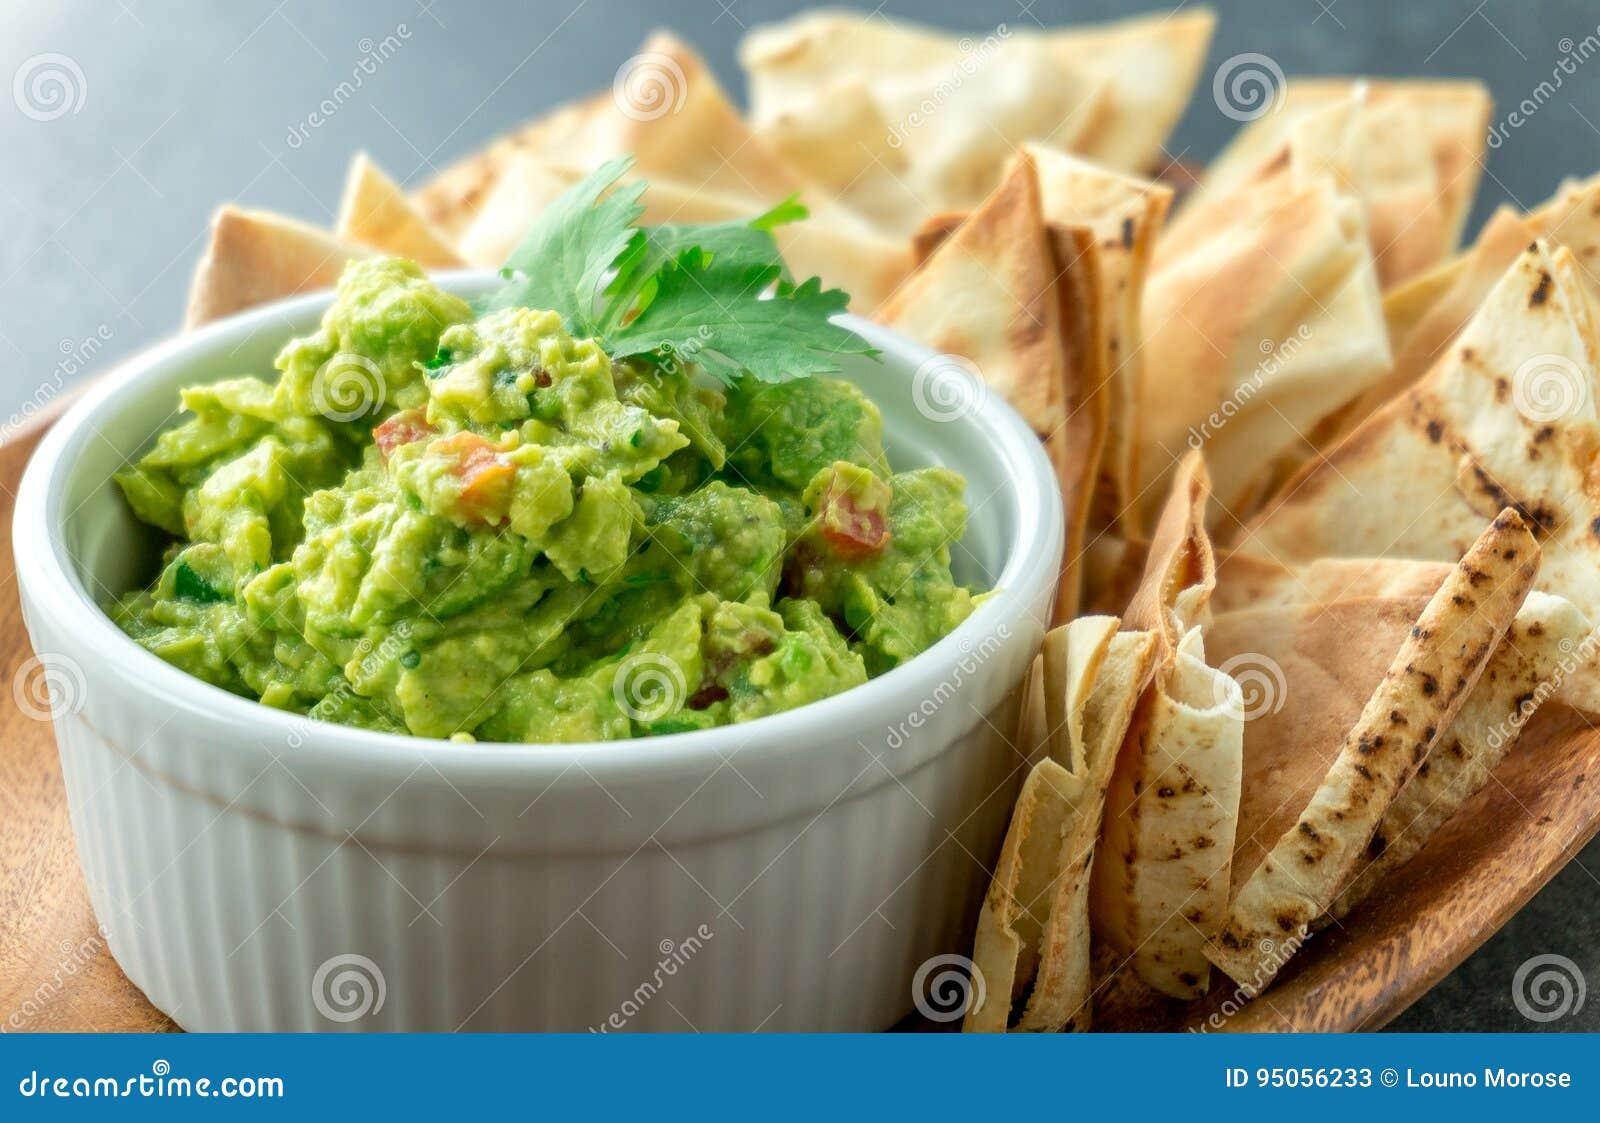 Prato mexicano do guacamole